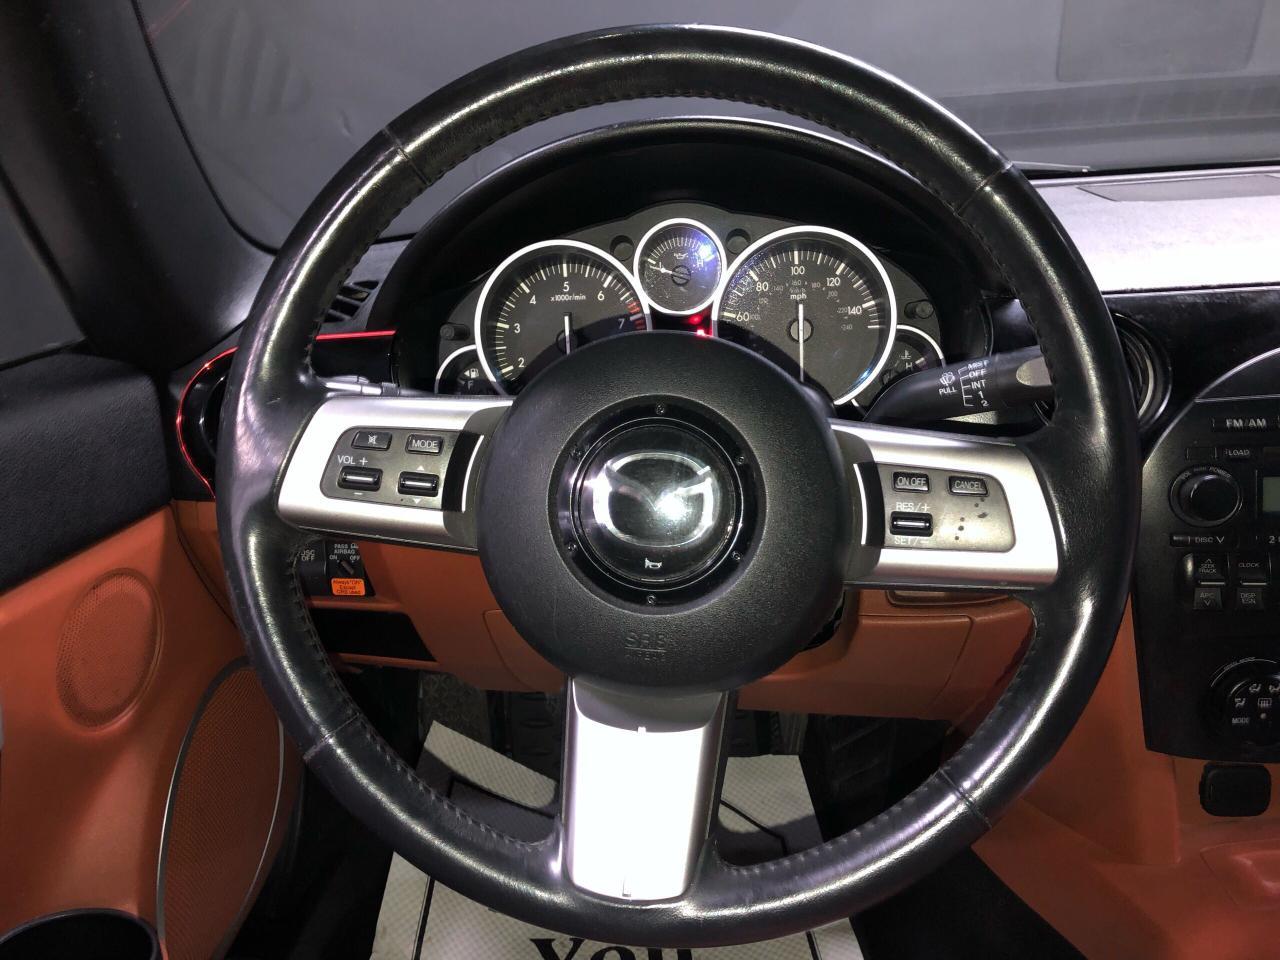 2006 Mazda Miata MX-5